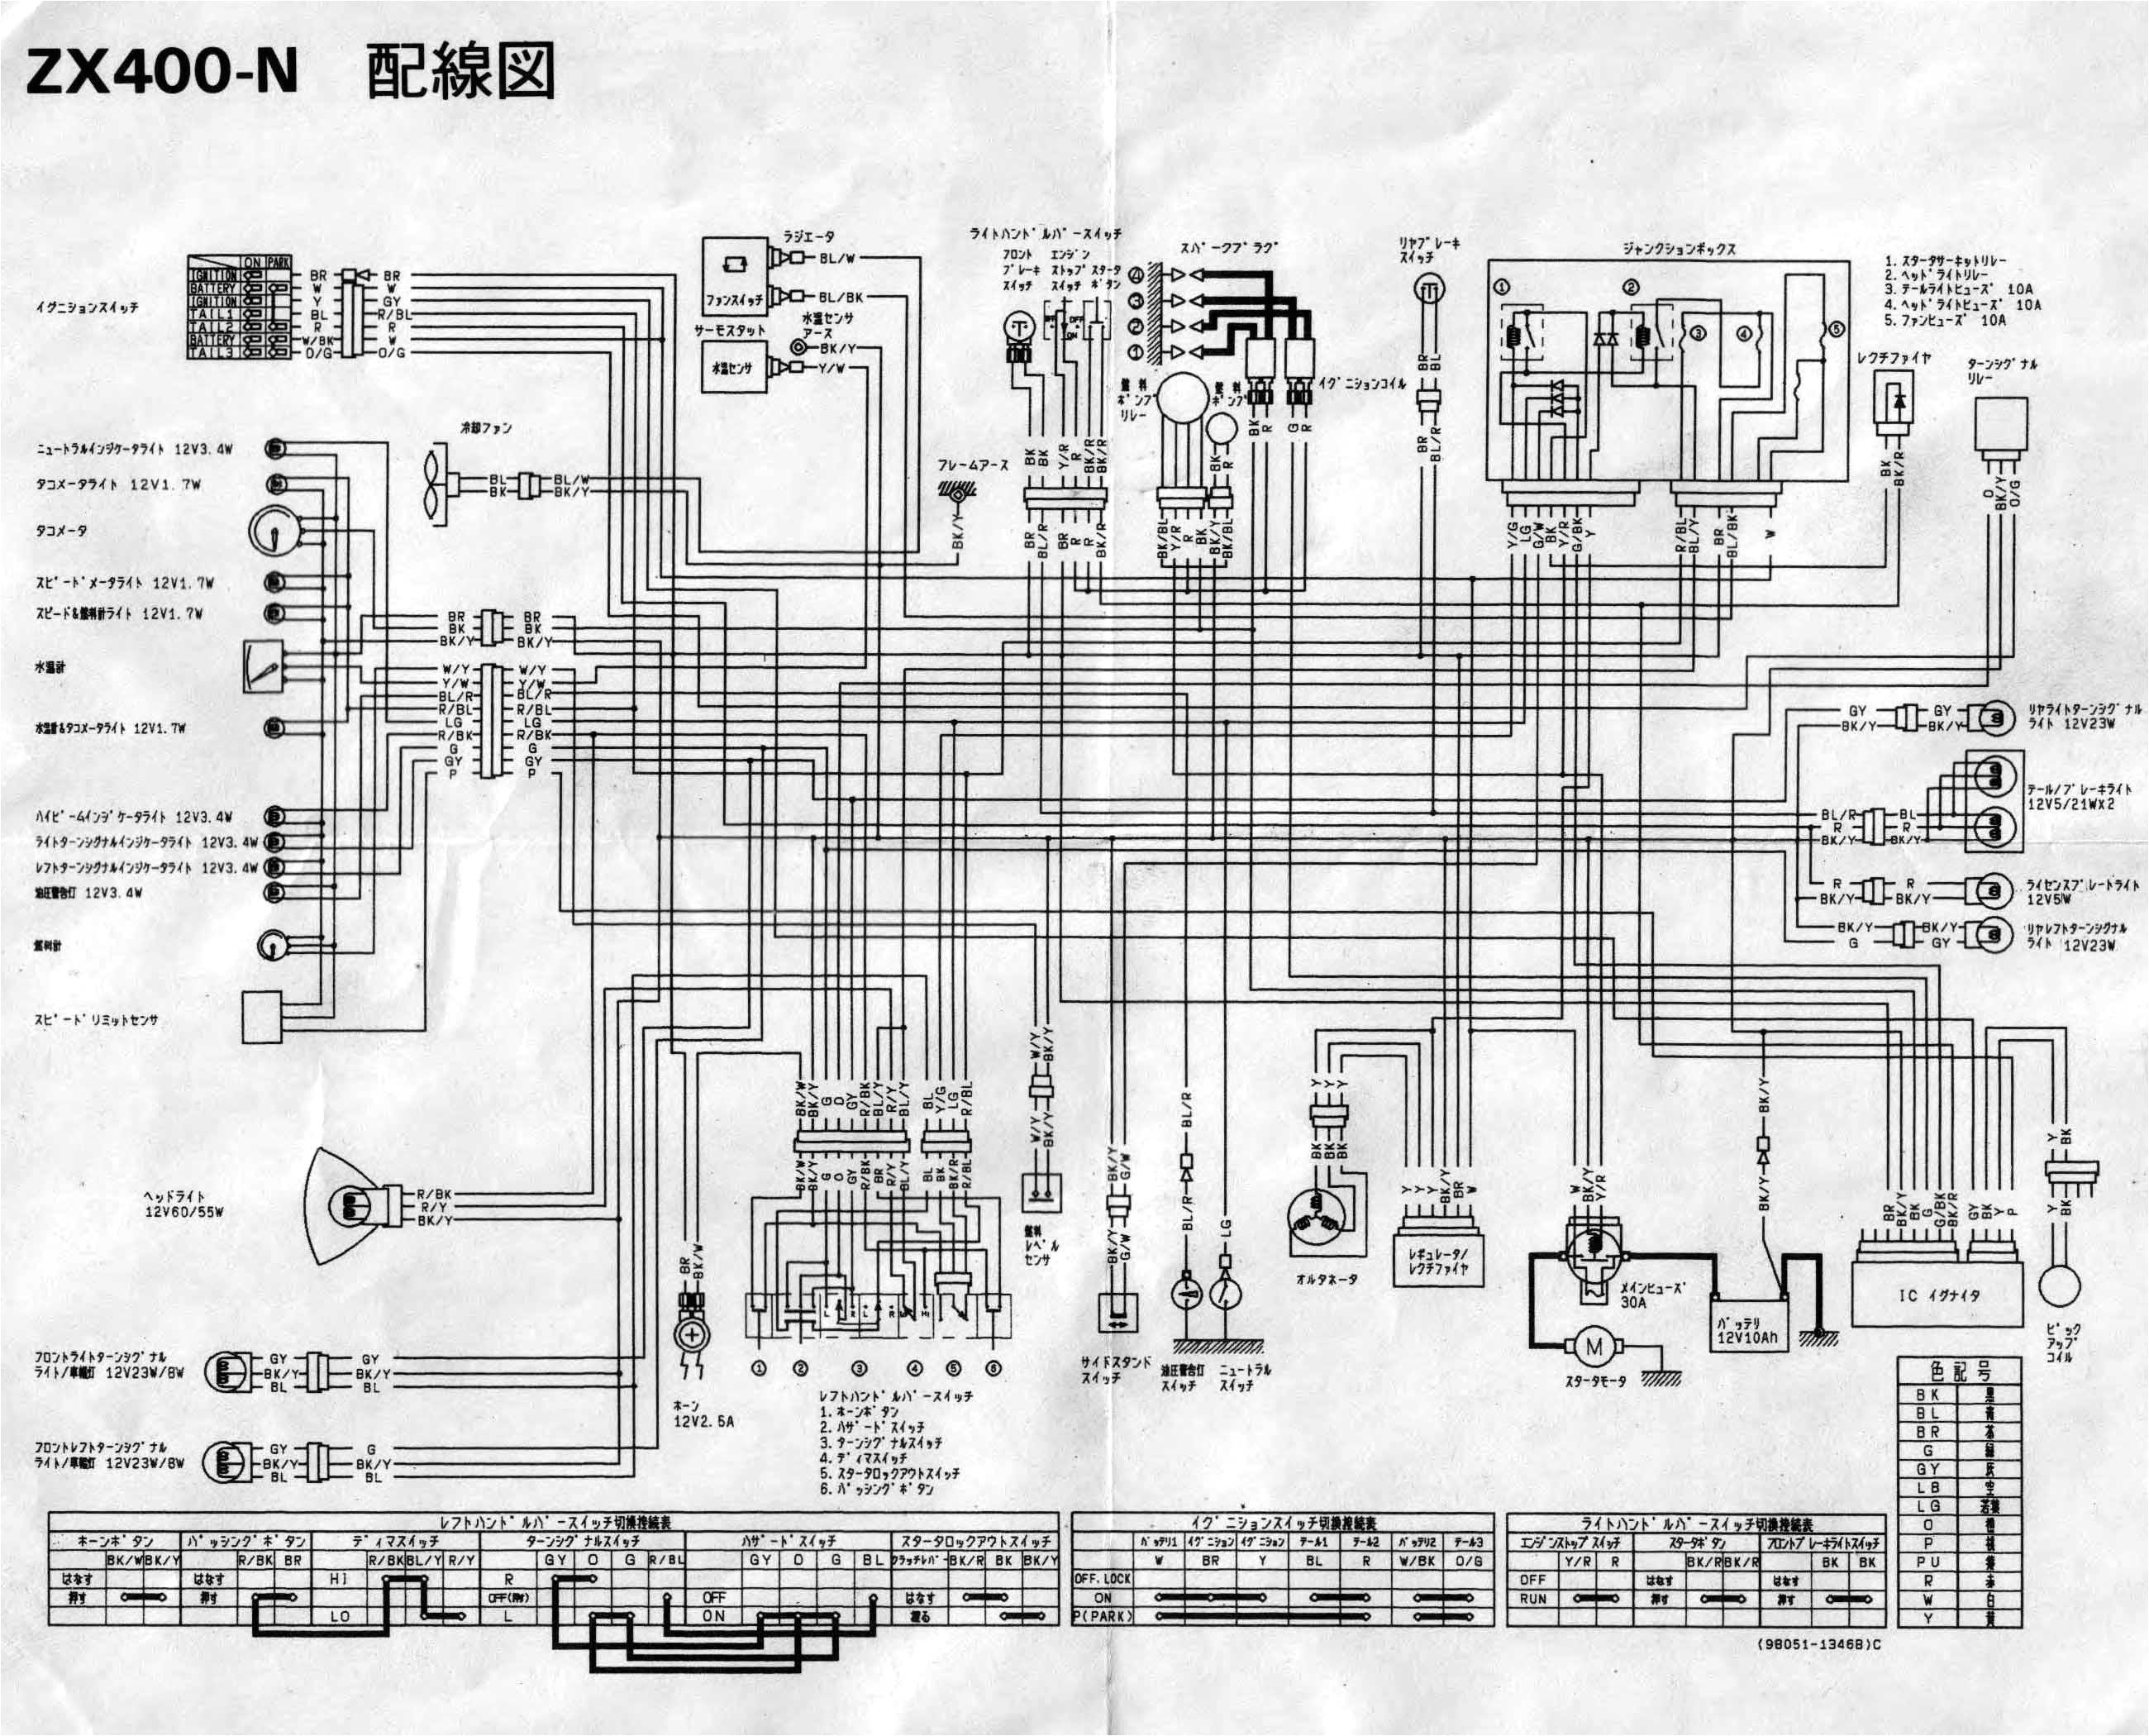 grasshopper 618 wiring diagram best of wiring diagram zx9r amp 725dt6 2009 wiring diagram grasshopper